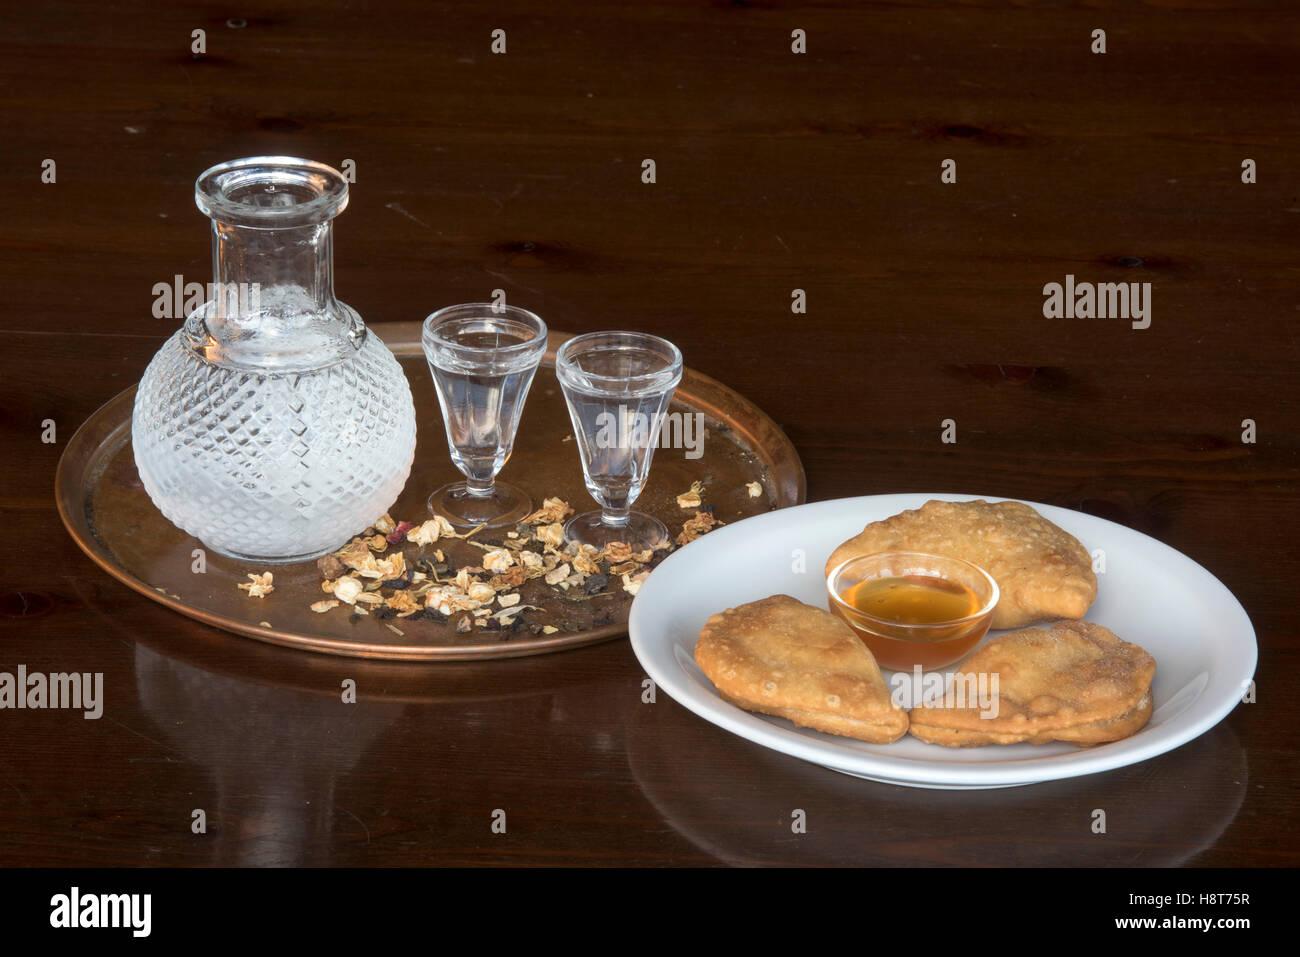 Griechenland, Kreta, griechische Küche - Stock Image